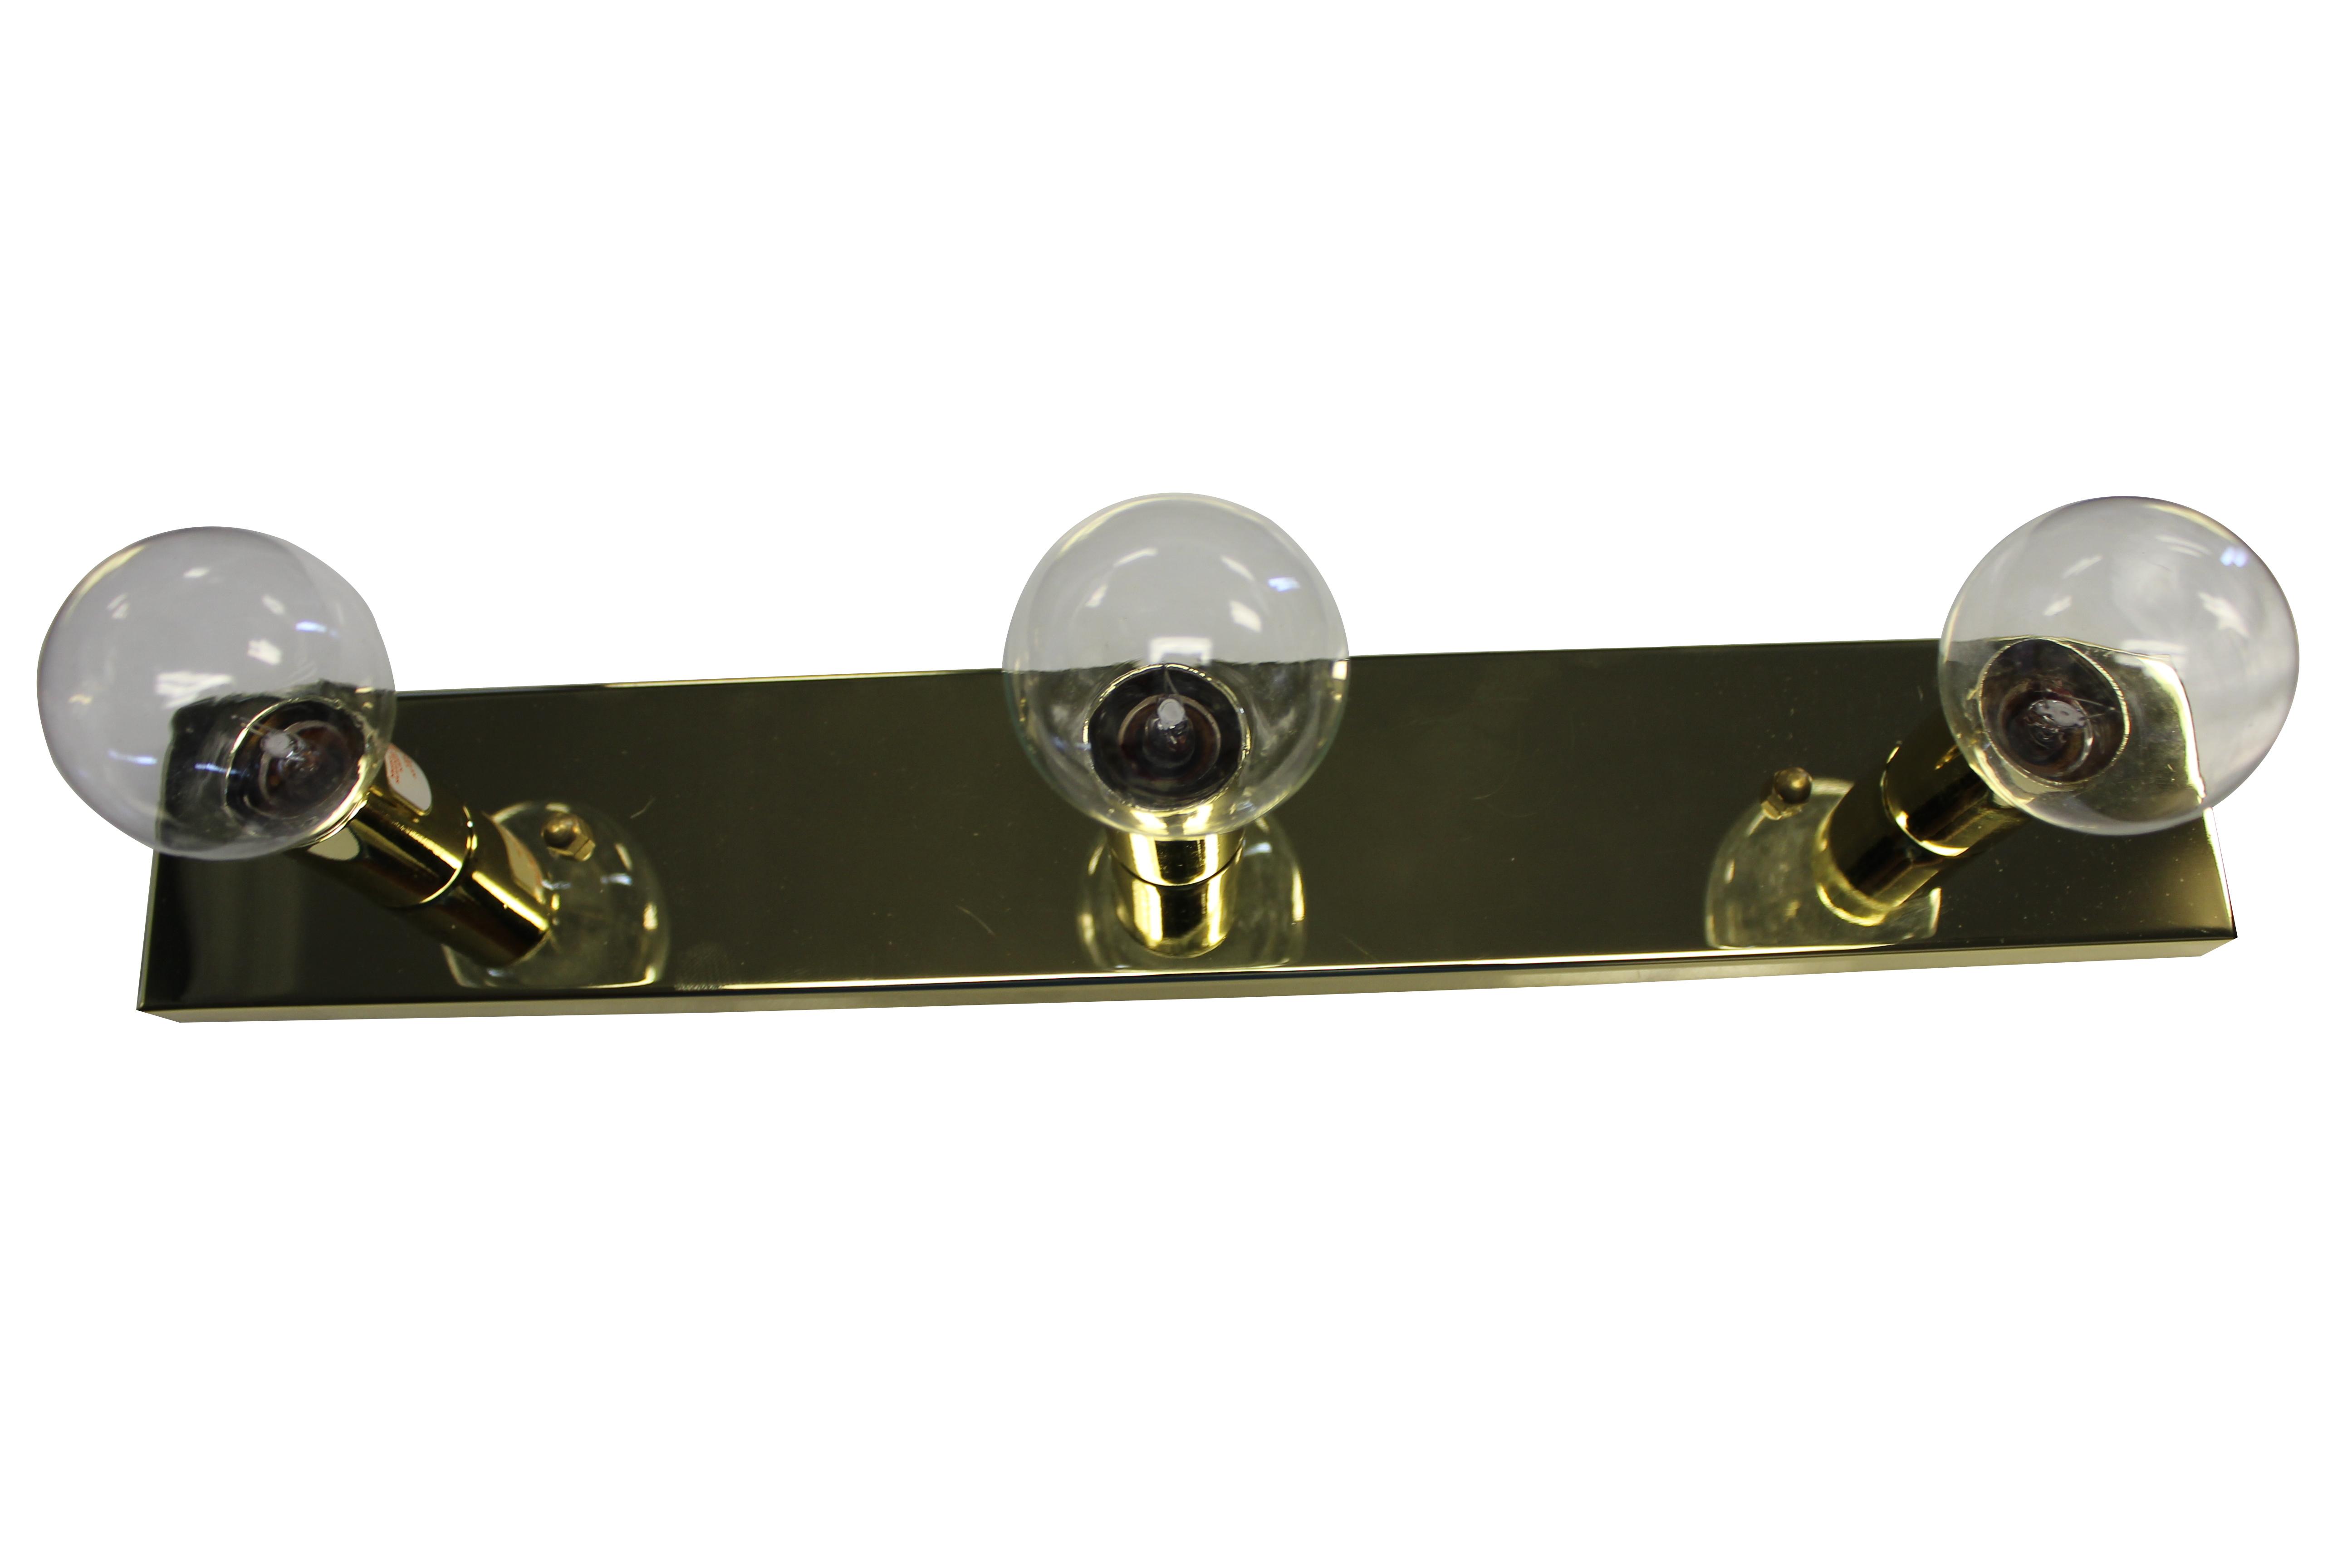 Hollywood Vanity Light Bulbs : 3-Bulb Hollywood Vanity Light - Brass with Clear Bulbs - Jazz Sales